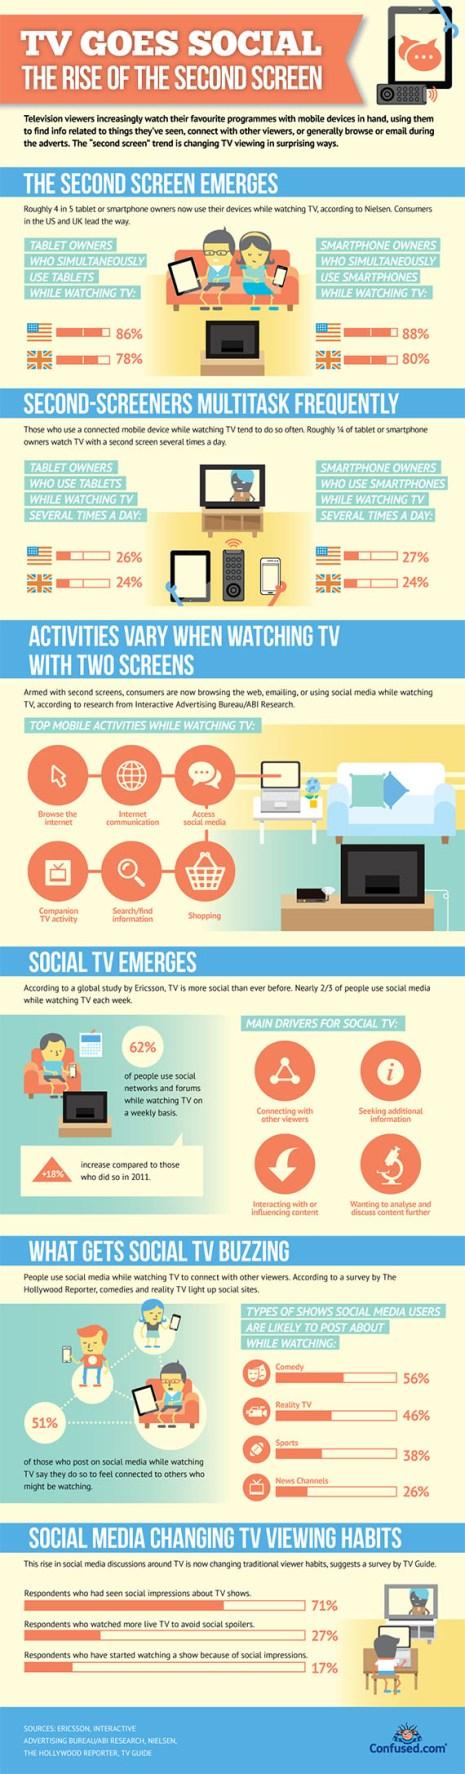 El 62% de las personas es usuario multitarea: ve la televisión con un smartphone, portátil o tableta en mano